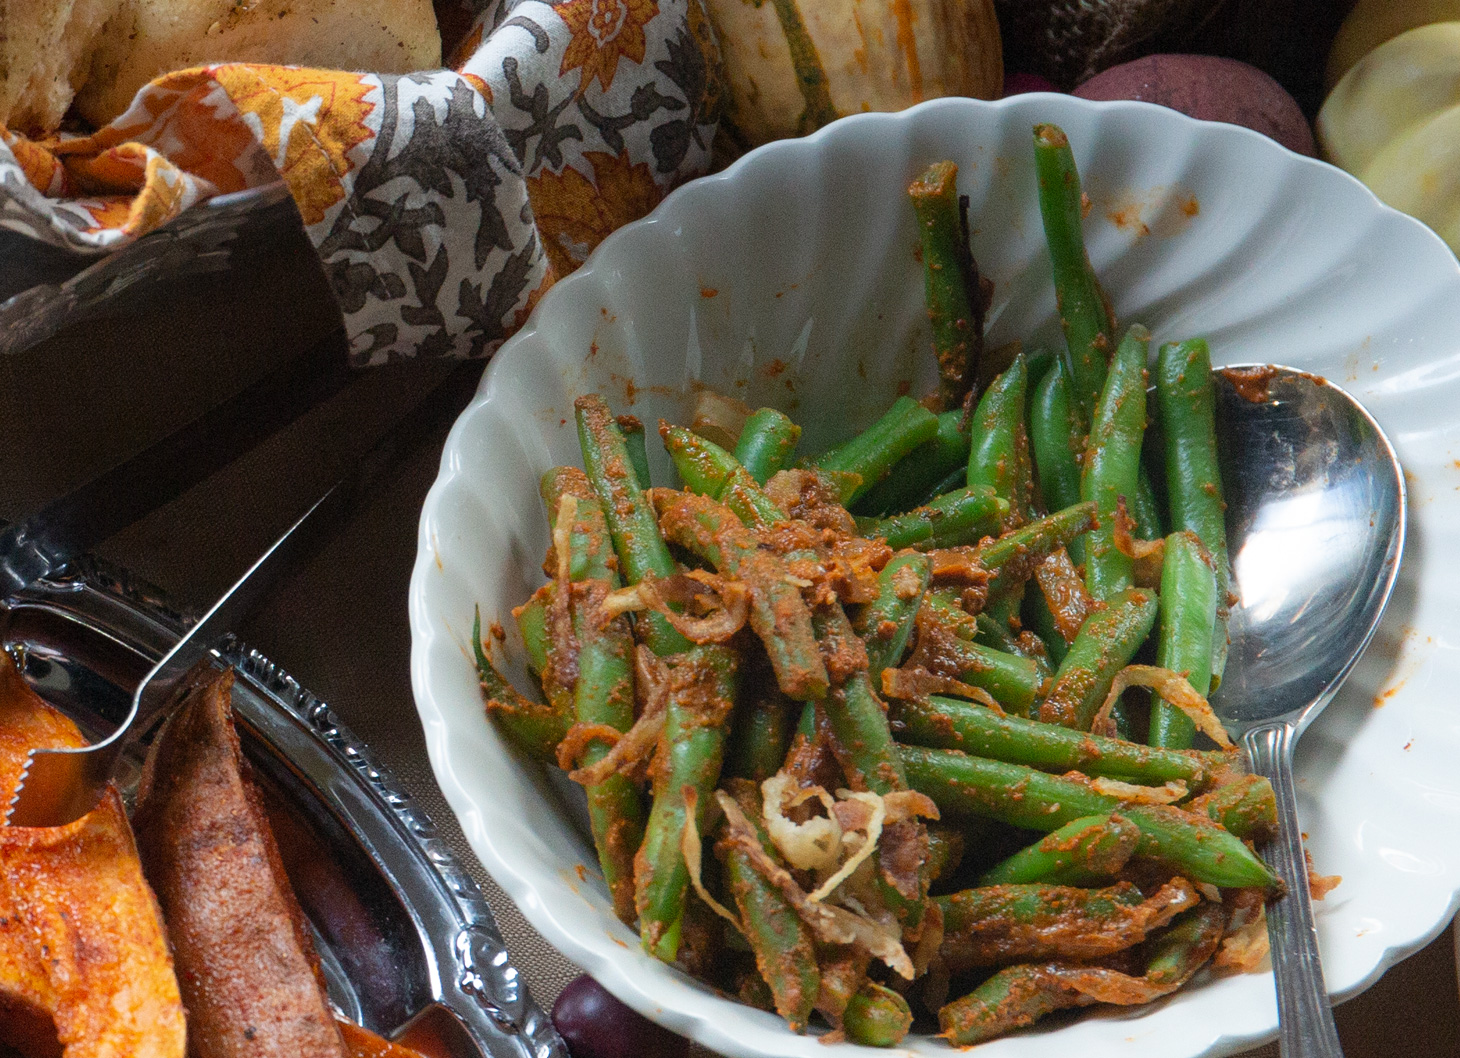 h762-green-bean-casserole-with-umami.jpg